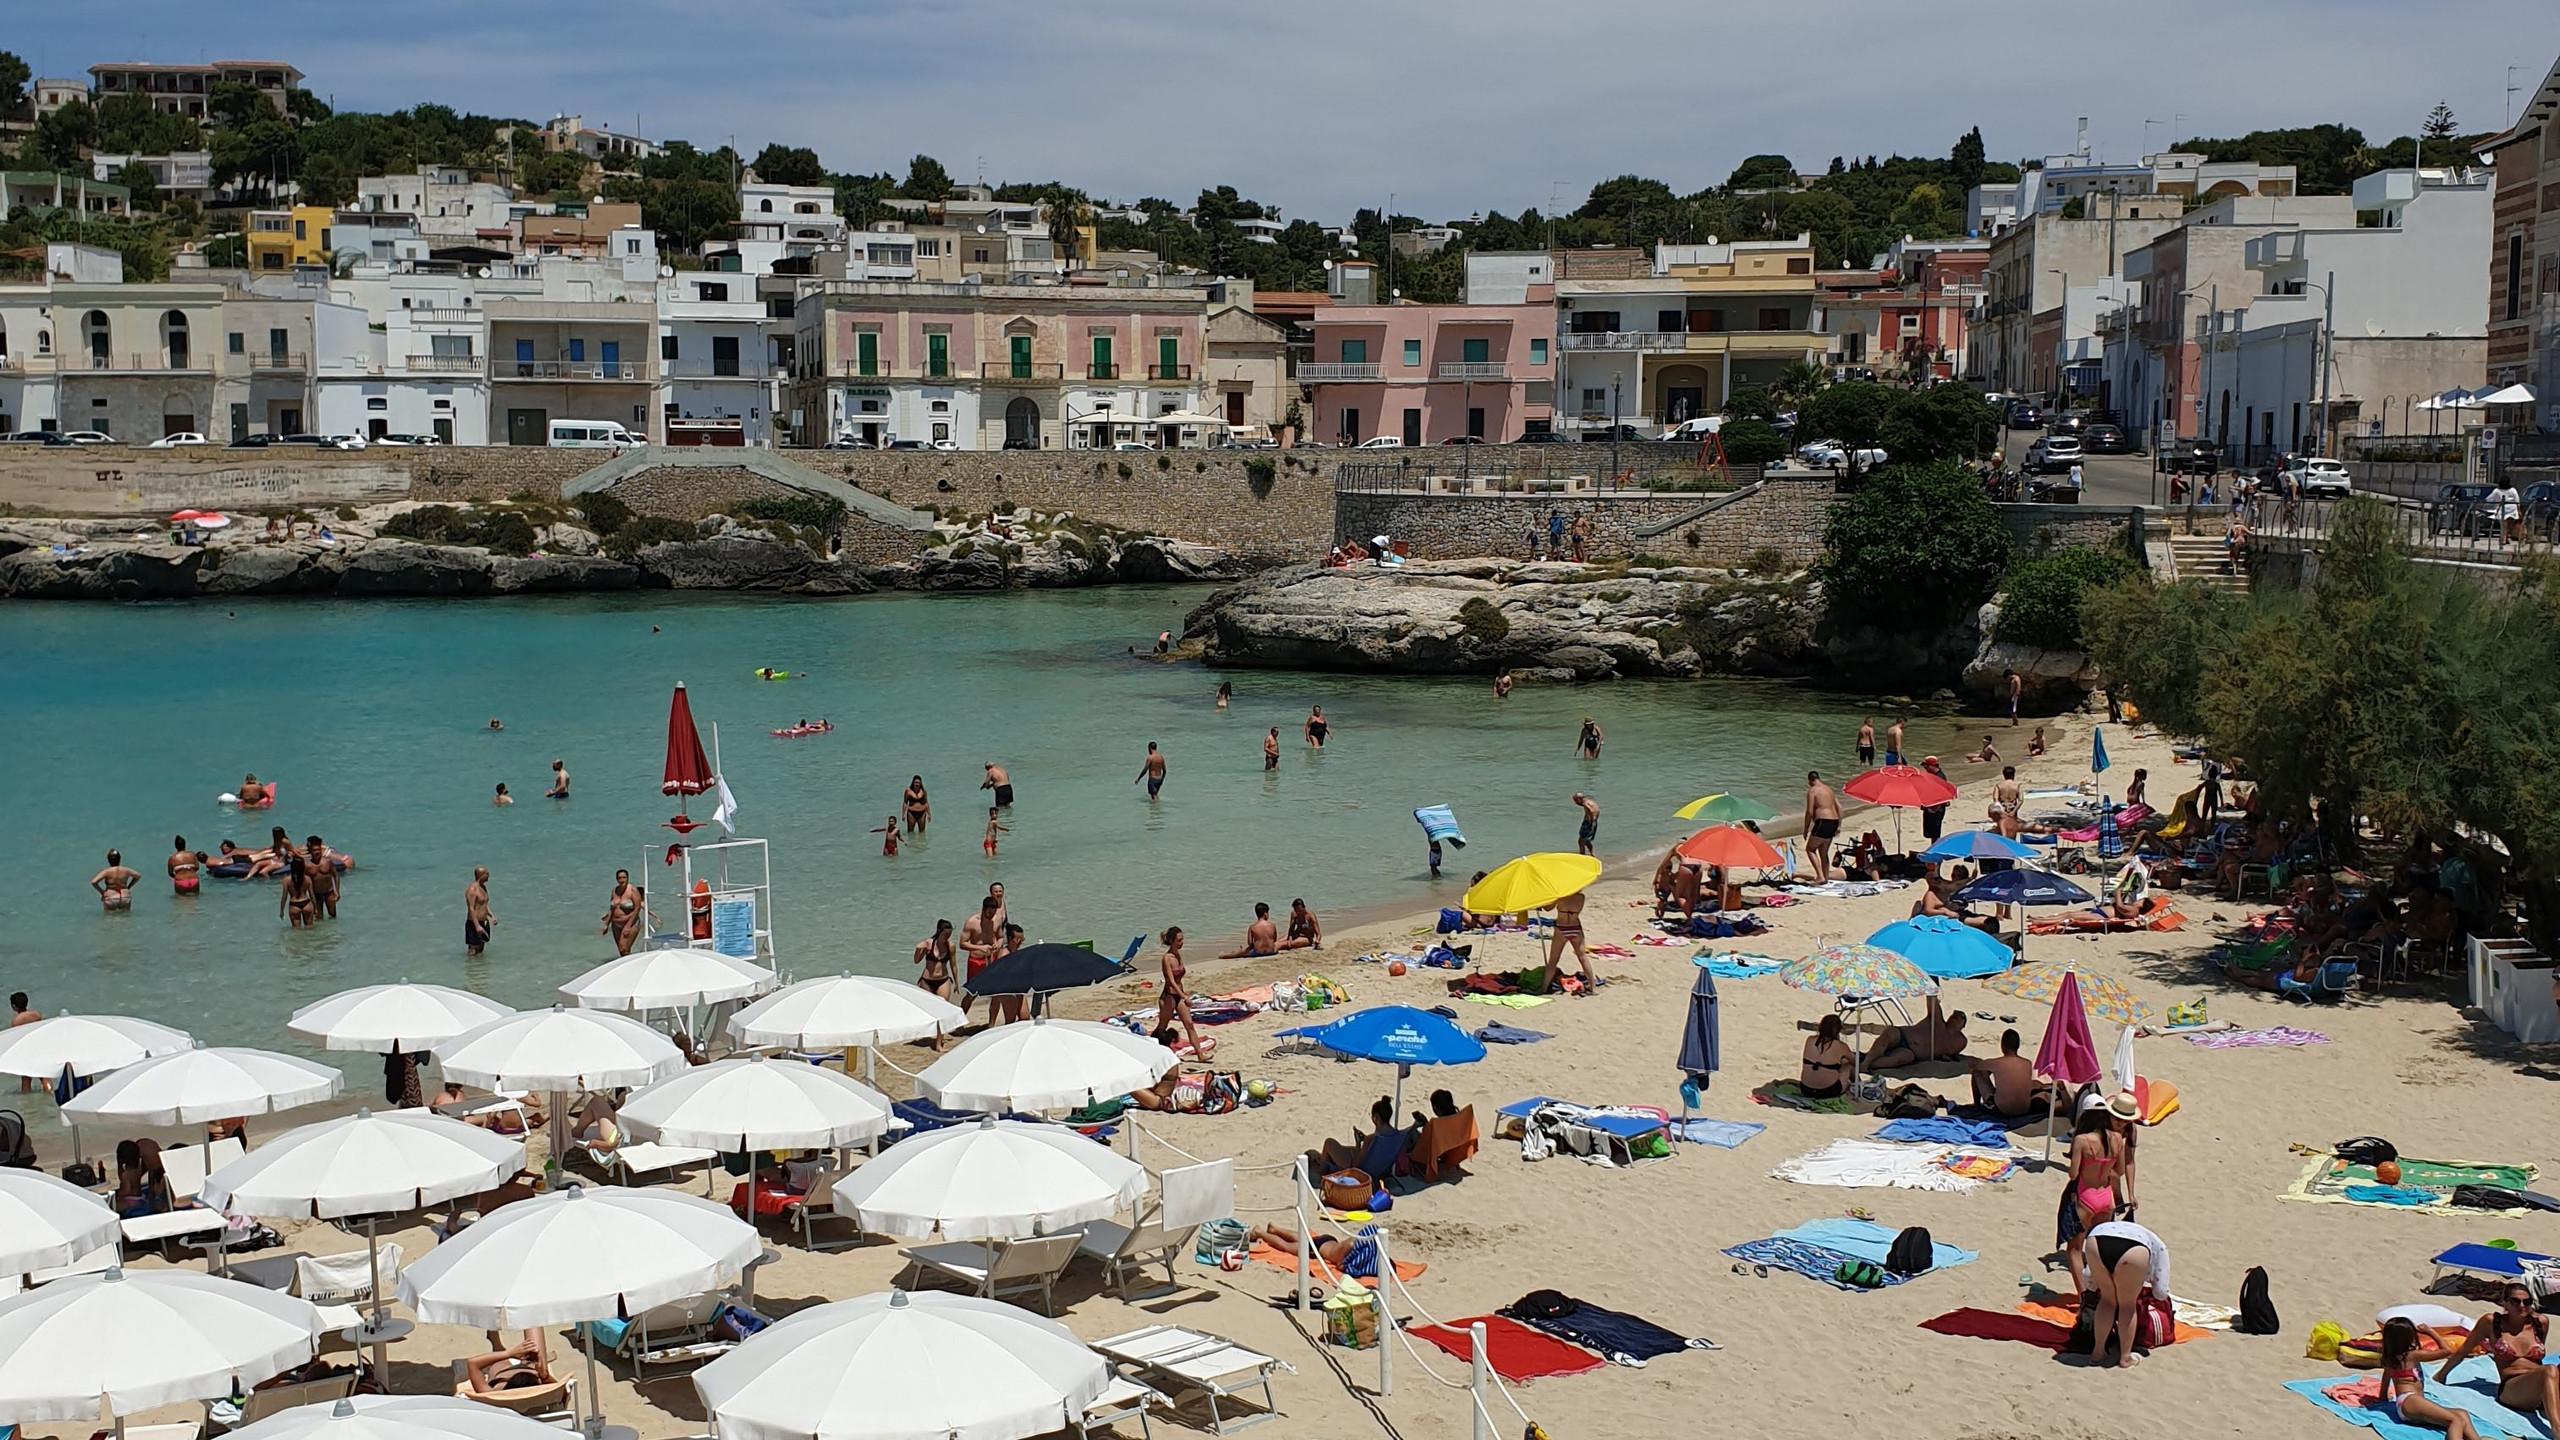 החוף המקסים בנרדו, פוליה, דרום איטליה